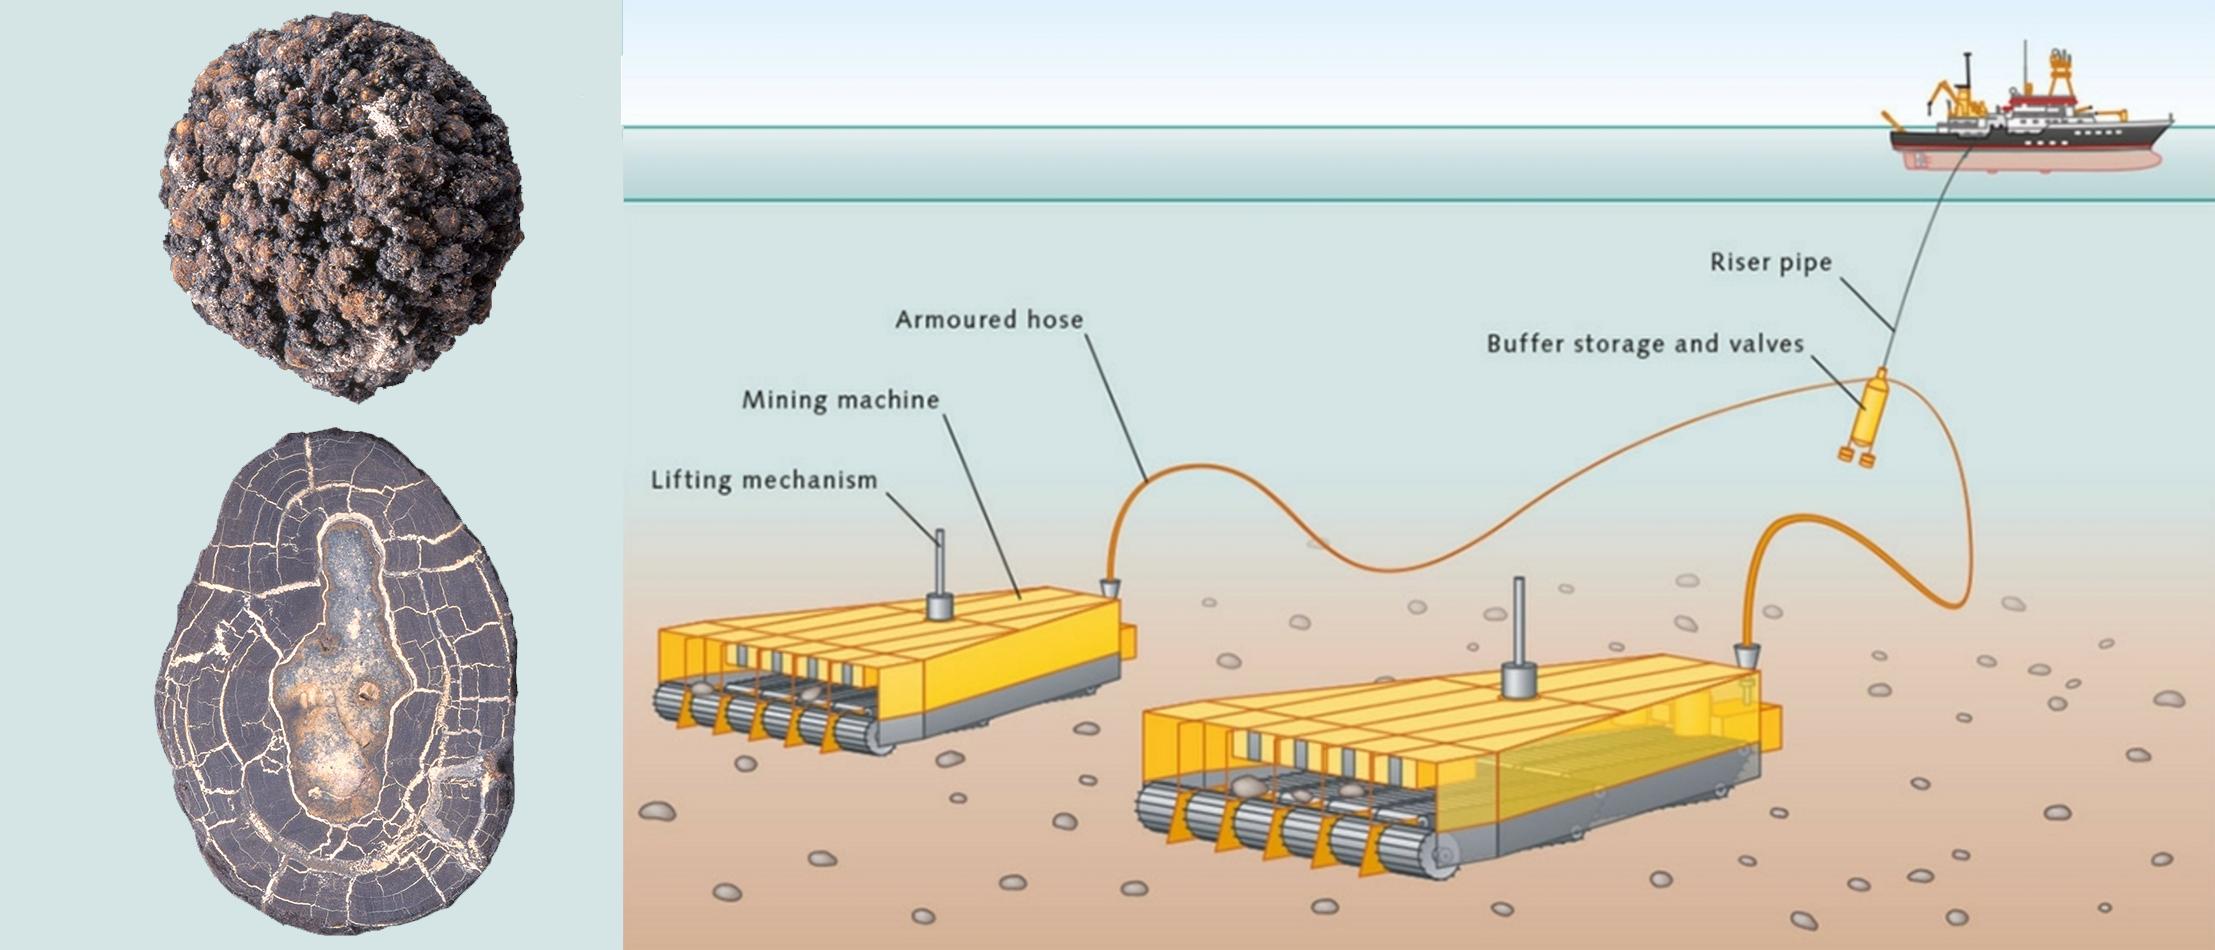 manganese nodule mining